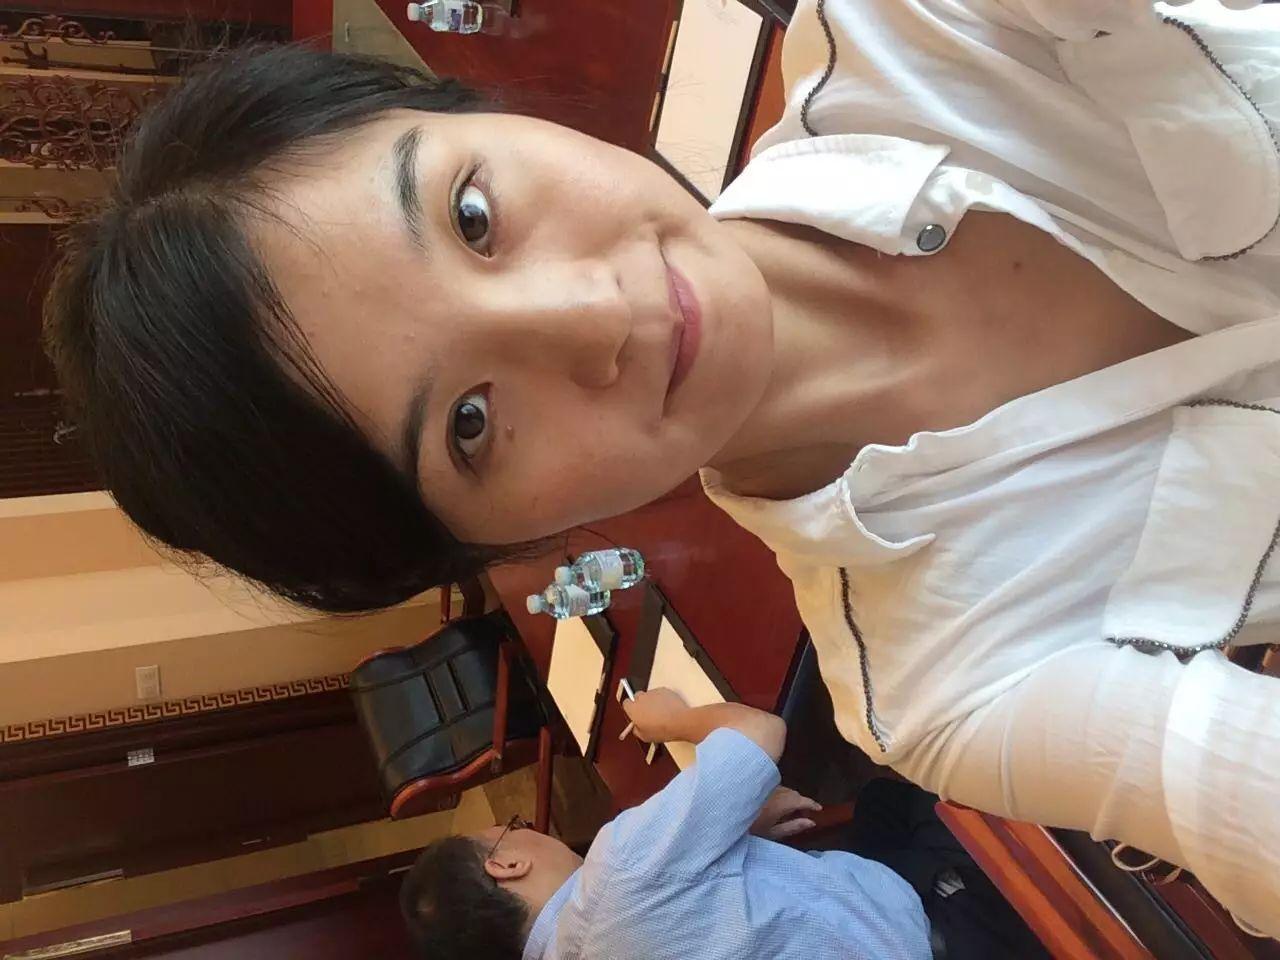 北京微俄语教育俄语学习班出国留学班一对一俄语培训班暑假班开课